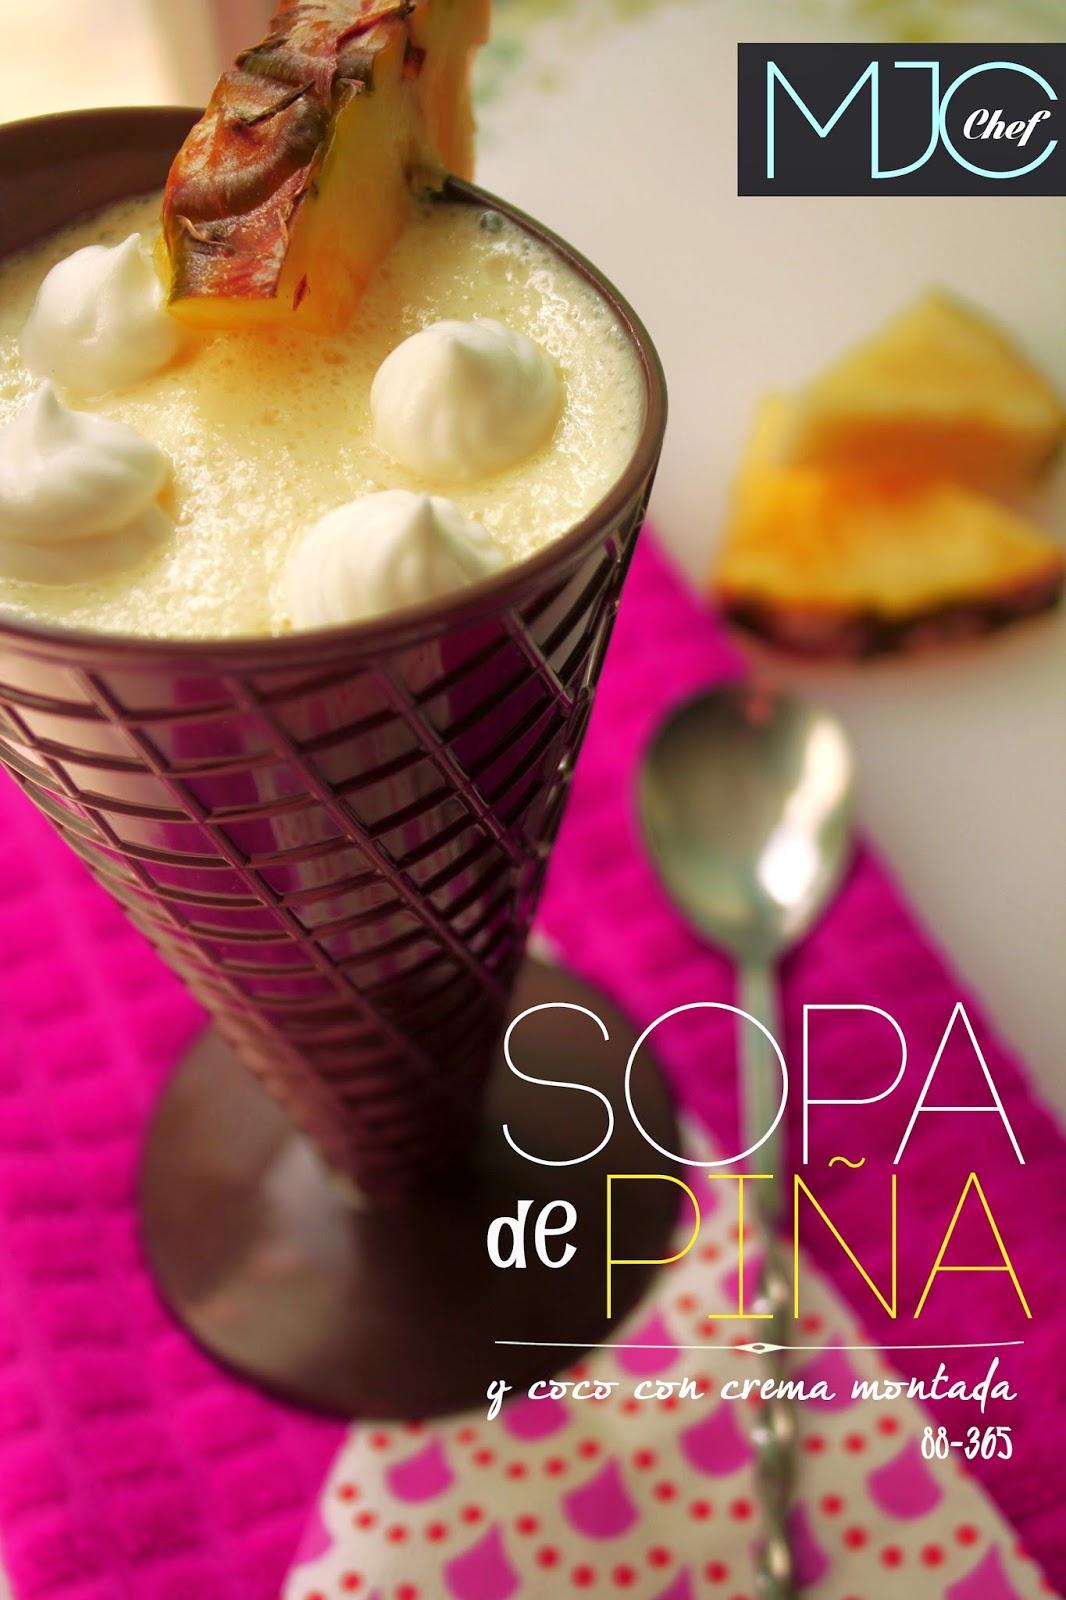 Sopa de piña